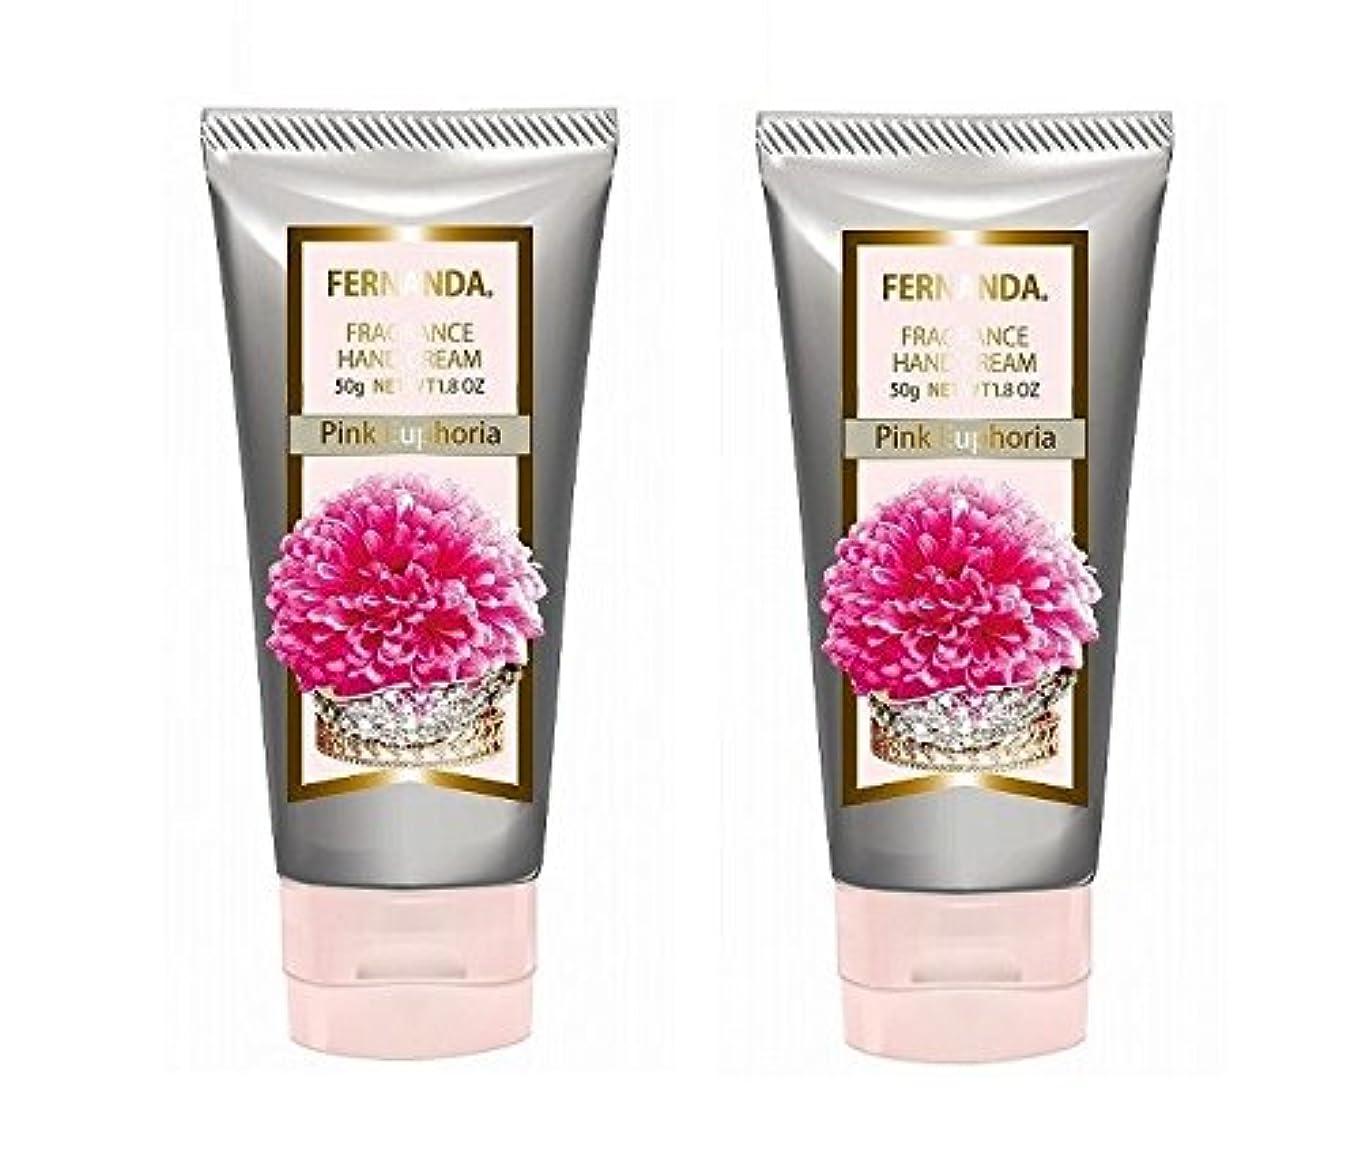 ウェブ磁石端FERNANDA(フェルナンダ) Hand Cream Pink Euphoria (ハンドクリーム ピンクエウフォリア)×2個セット